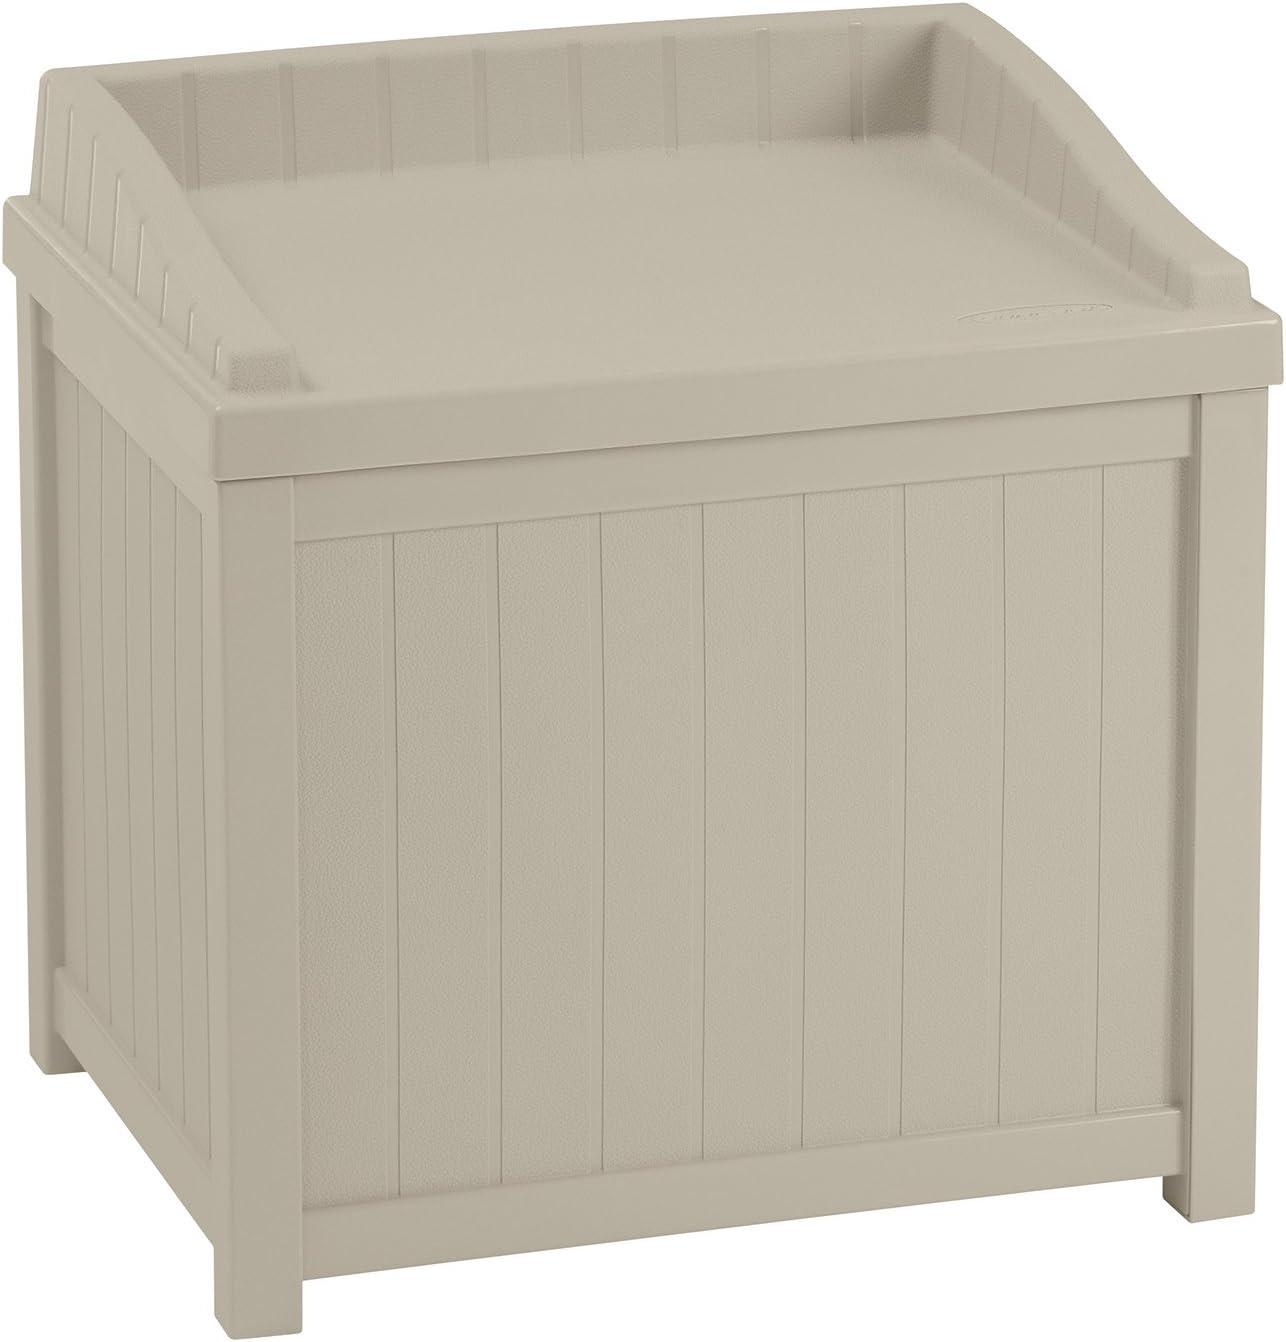 Suncast® ss1000 Caja de Almacenamiento para Asientos de jardín Apta para Interior y Exterior(83L de Capacidad -marrón/Java).